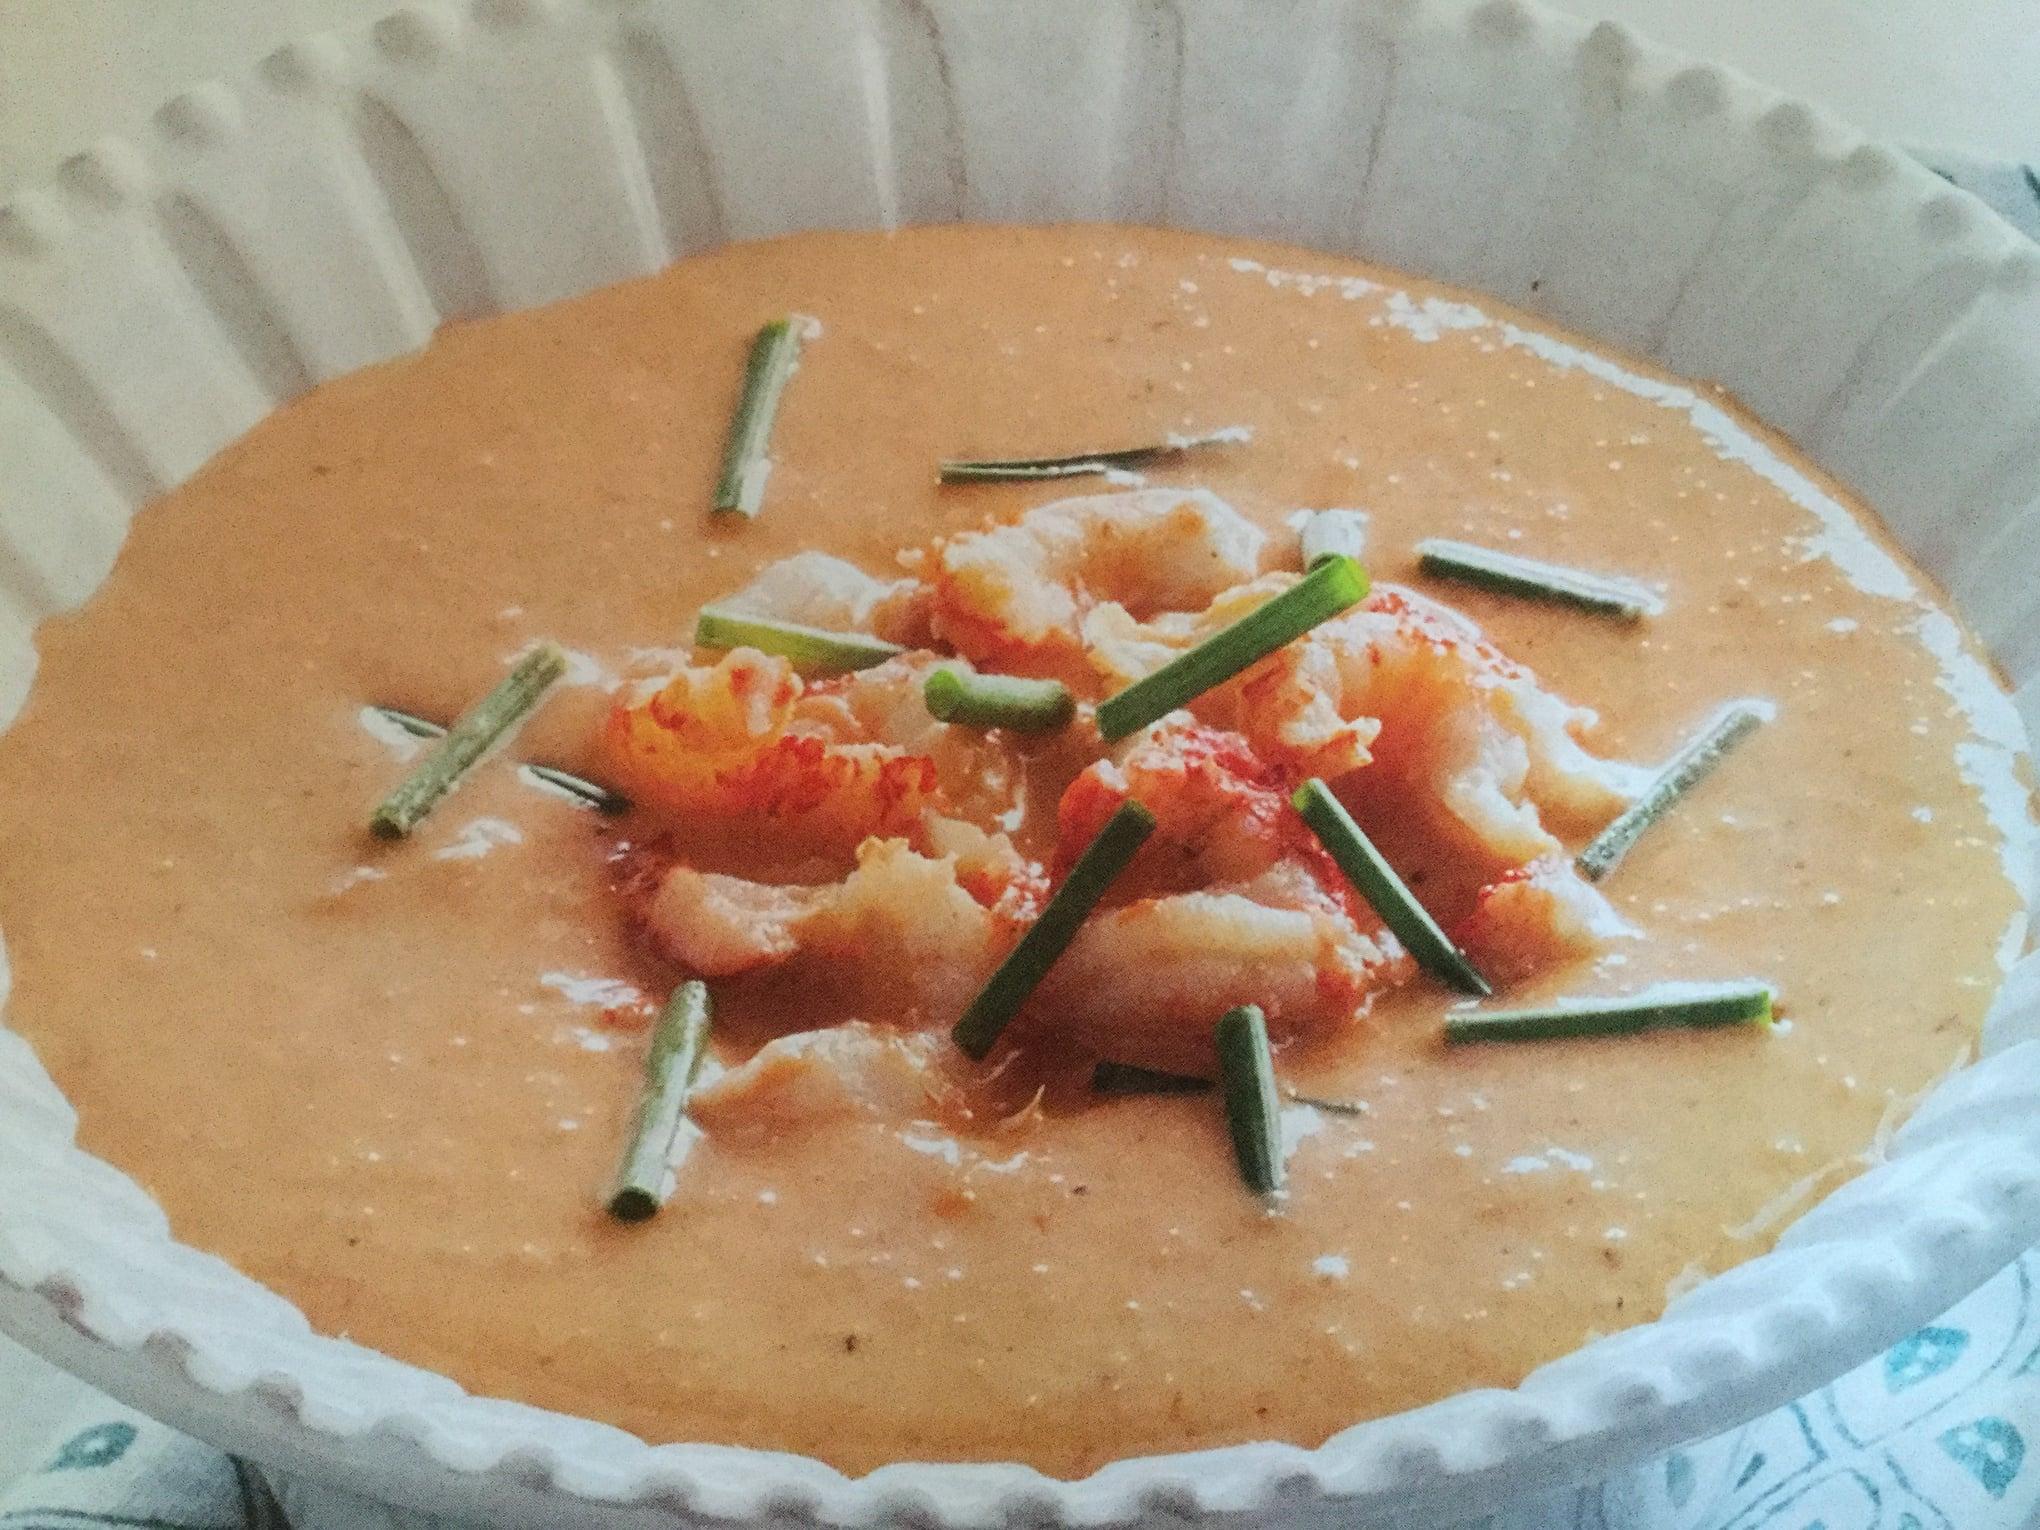 Delicious Creamy Crawfish Soup